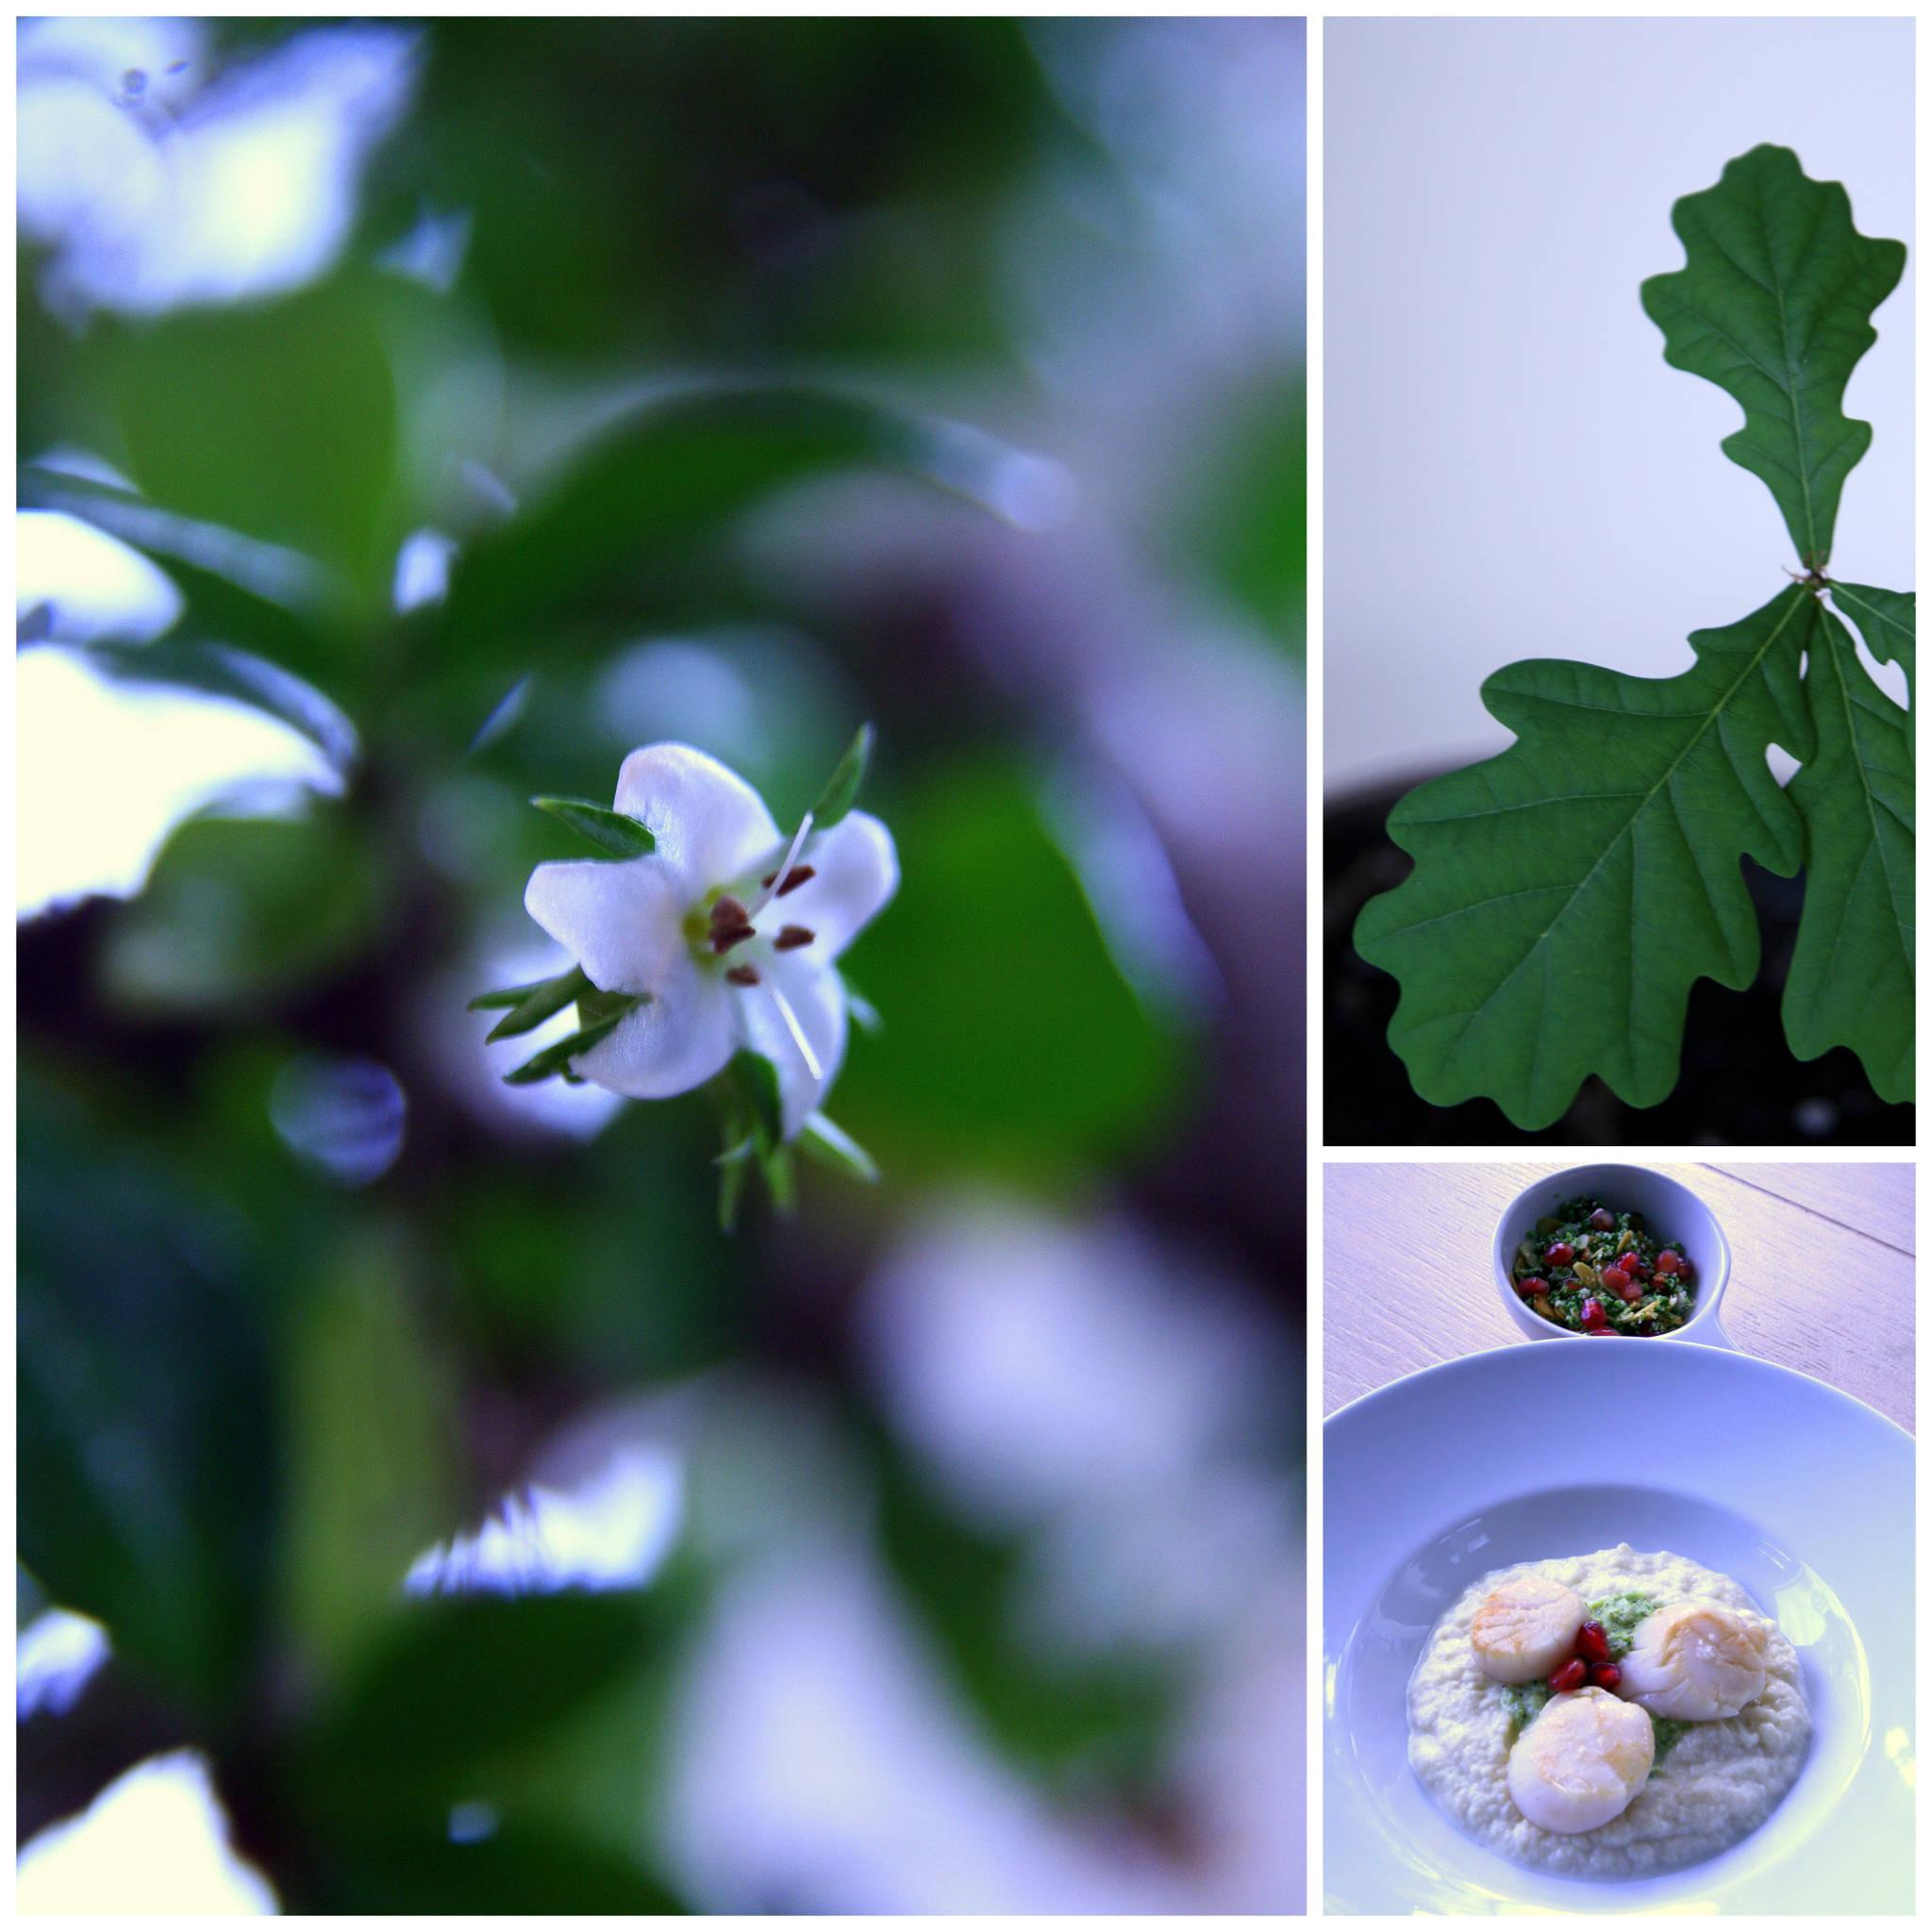 Chou fleur & brocoli en cru et cuit - Saint-Jacques snackées, taboulé à la grenade